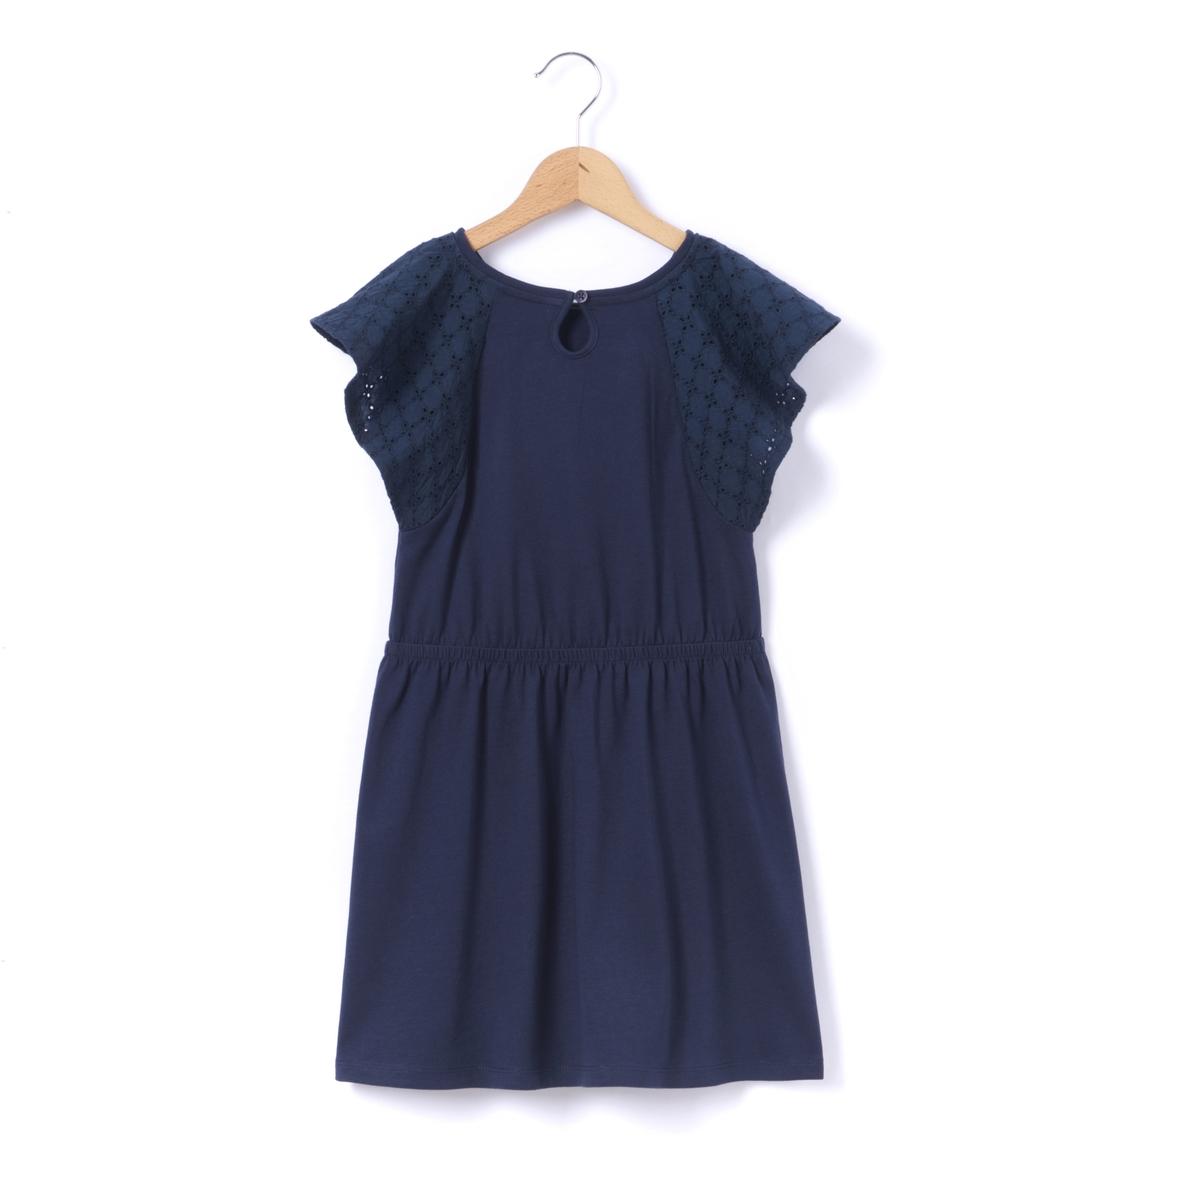 Платье однотонное средней длины, расширяющееся к низуДетали •  Форма : расклешенная •  Длина до колен •  Короткие рукава    •  Круглый вырезСостав и уход •  100% хлопок •  Температура стирки 30° • Низкая температура глажки / не отбеливать   • Барабанная сушка на слабом режиме       • Сухая чистка запрещена<br><br>Цвет: синий морской<br>Размер: 8 лет - 126 см